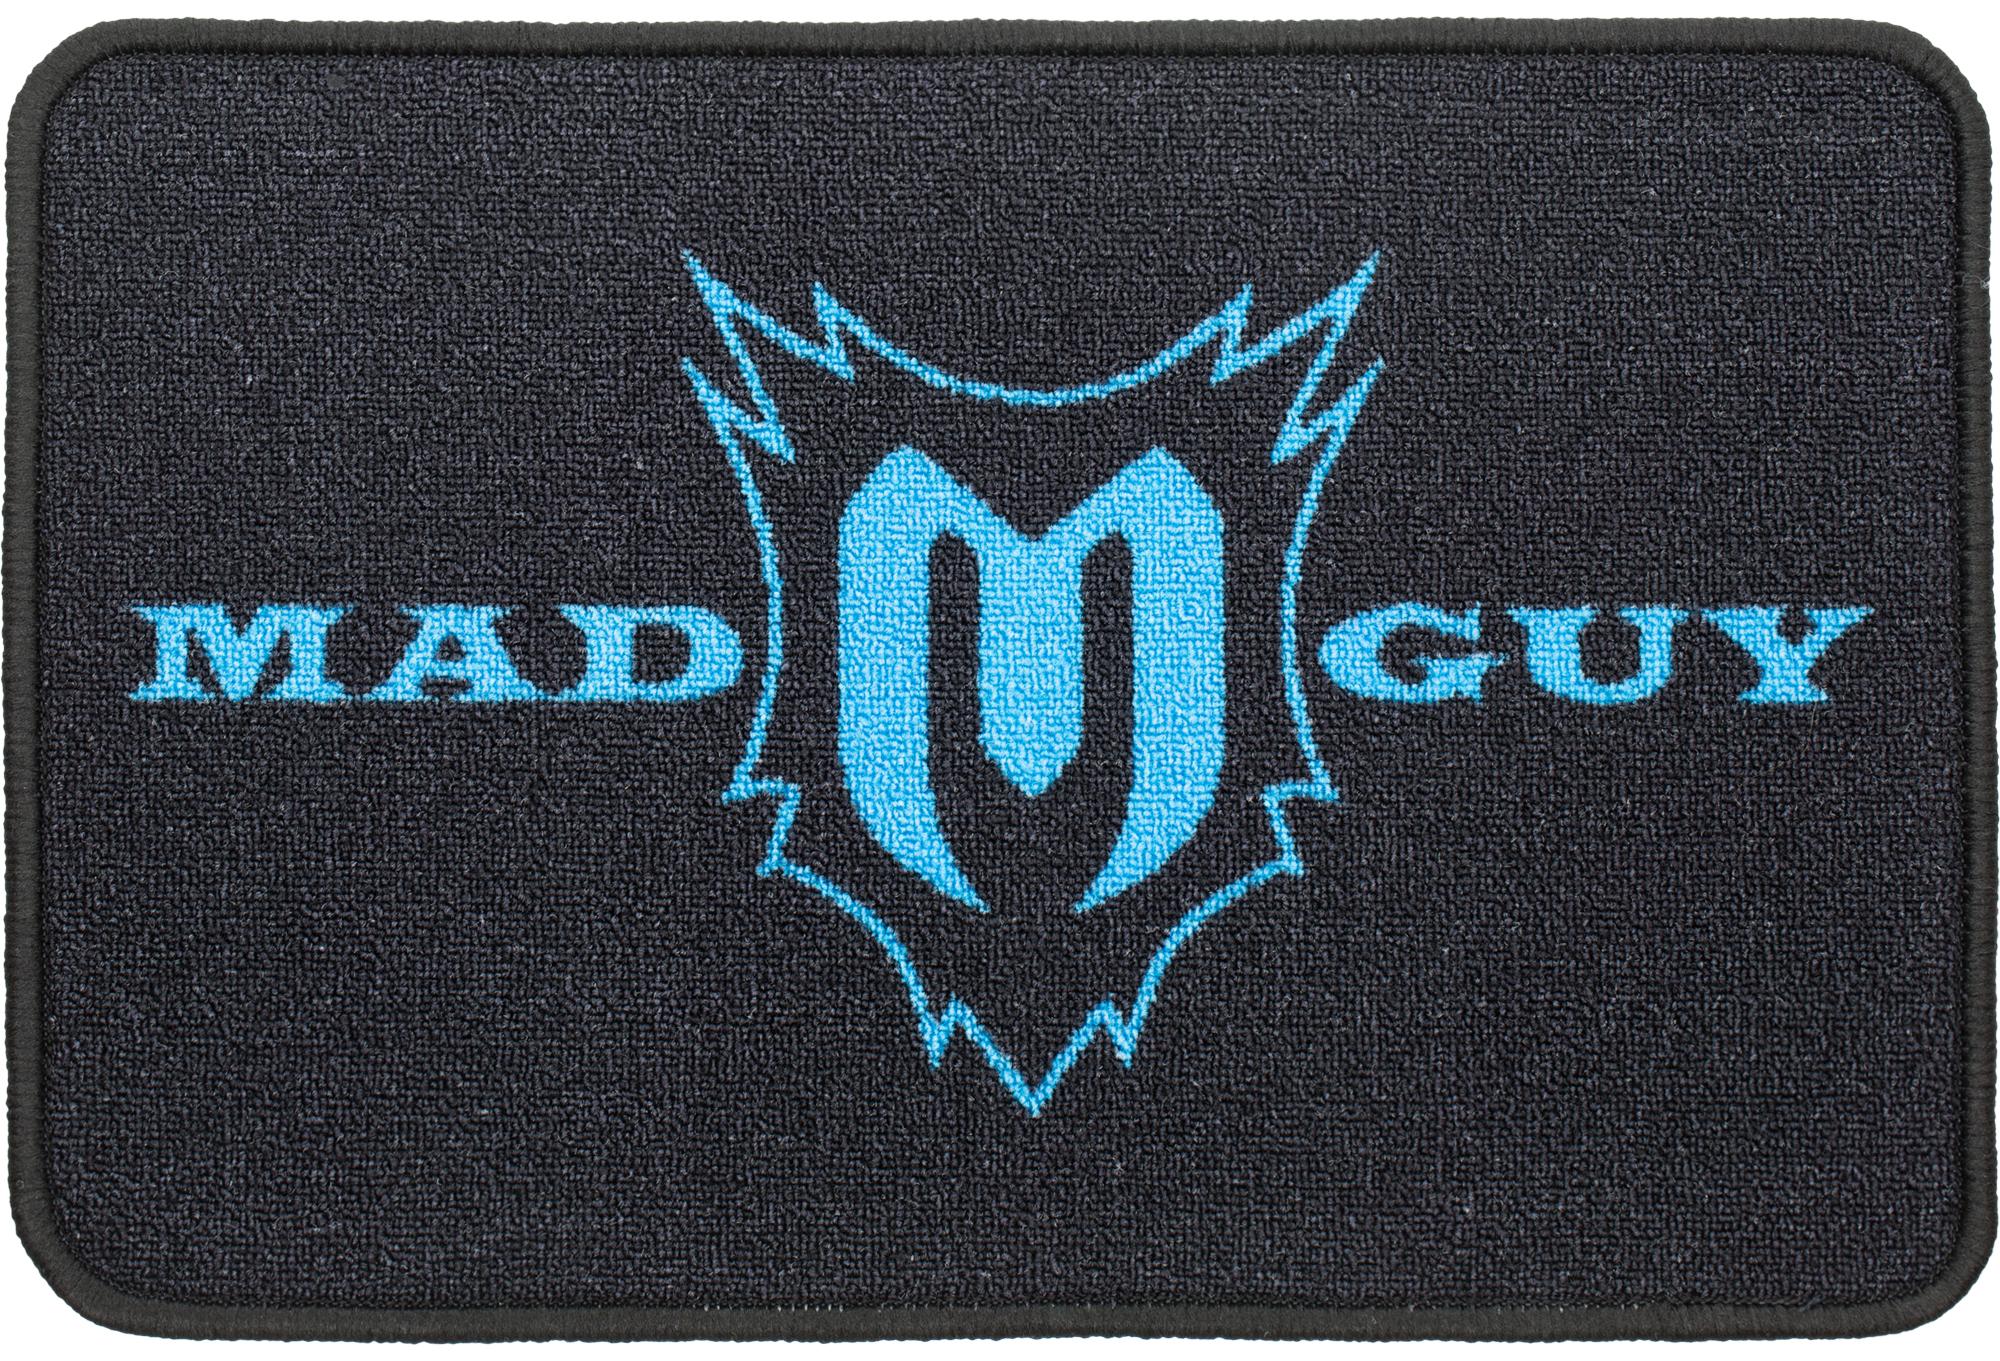 MadGuy Коврик для коньков MadGuy Skate madguy пояс для гамаш юниорский madguy